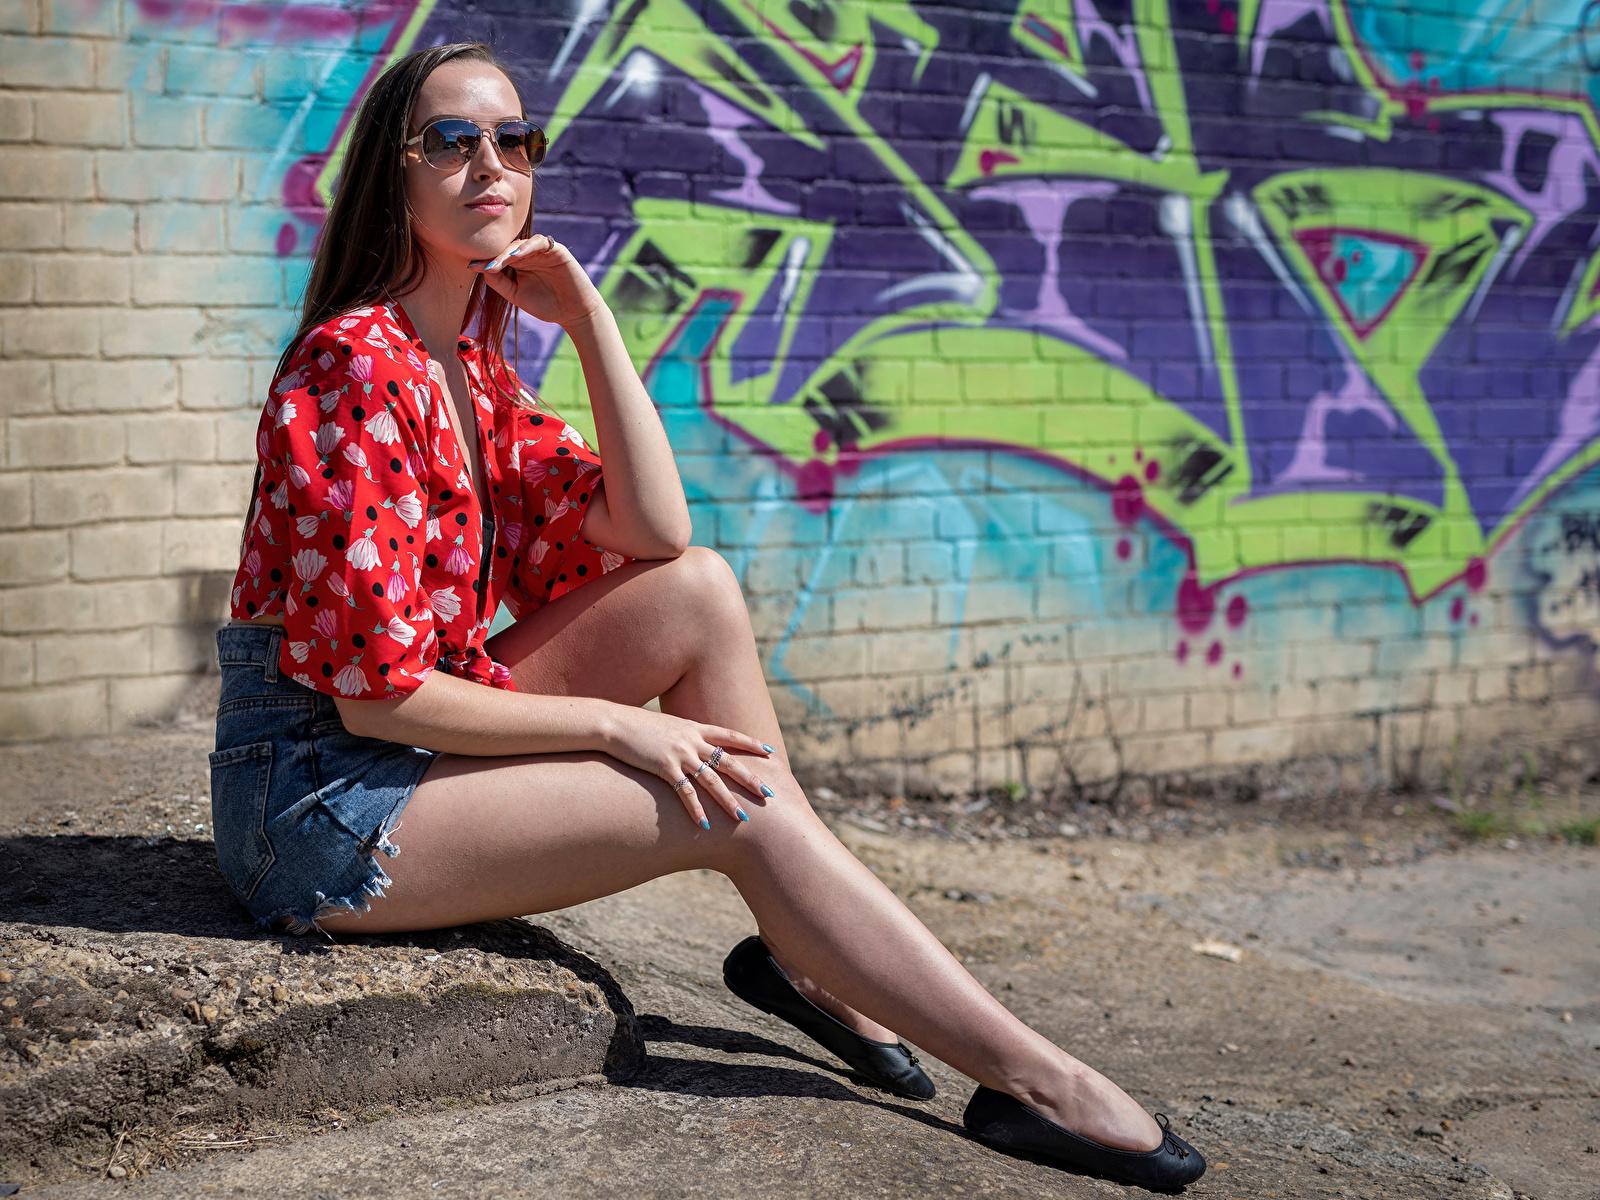 Фотография фотомодель Jade Блузка девушка ног сидя шорт очках смотрит 1600x1200 Модель Девушки молодая женщина молодые женщины Ноги Очки Сидит Шорты очков шортах сидящие Взгляд смотрят